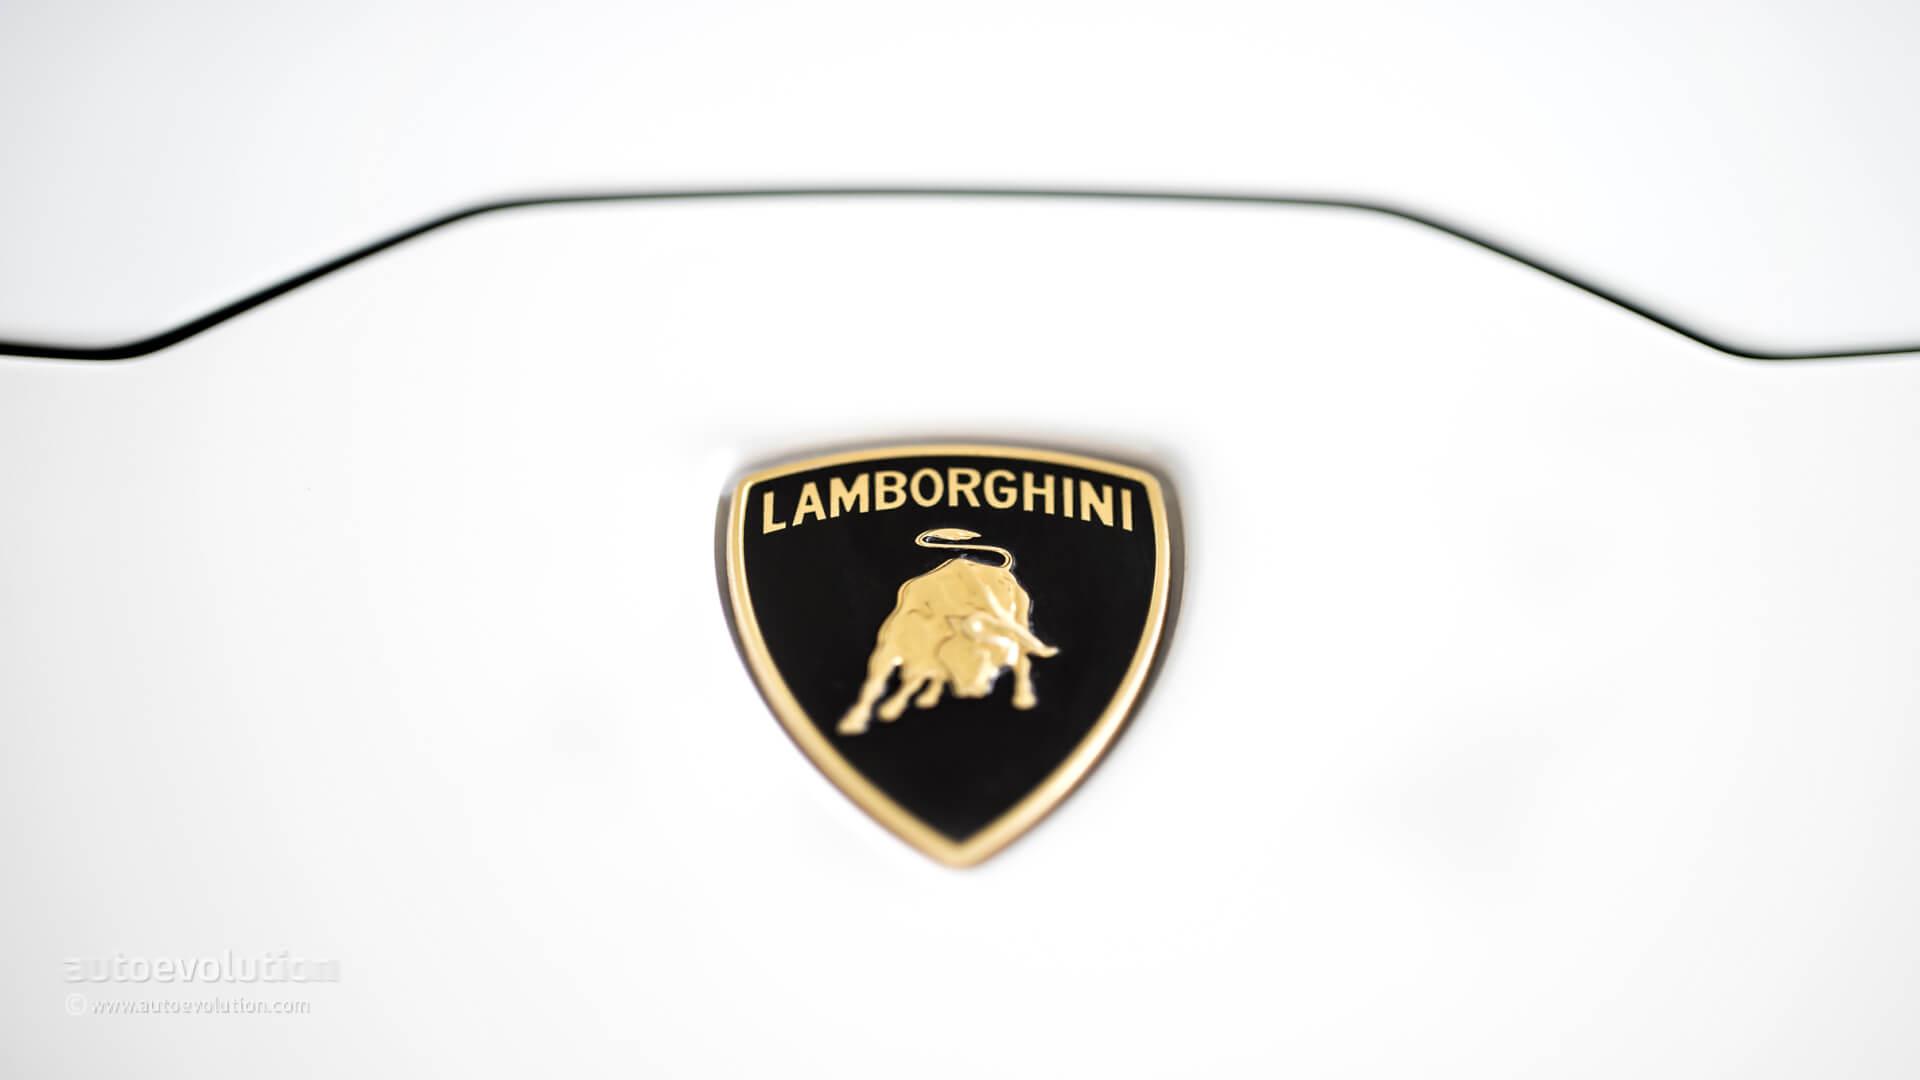 lamborghini-huracan-lp-610-4-review-2014_61